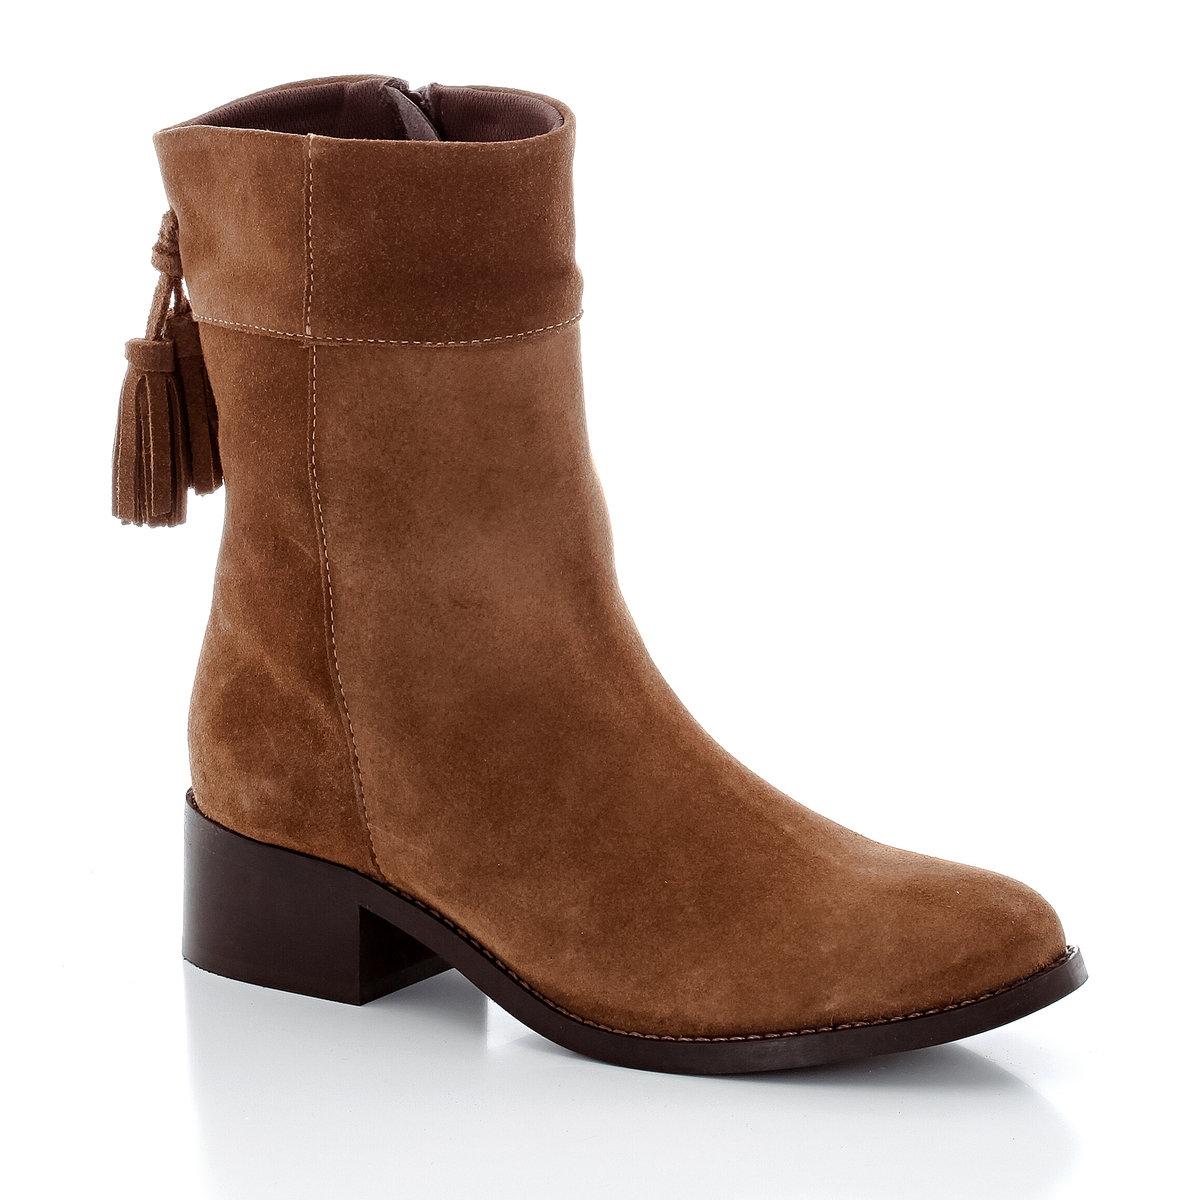 Ботинки кожаные с кисточкамиВерх : невыделанная кожаПодкладка : кожаСтелька : кожаПодошва : эластомерЗастежка : молния сбокуПреимущества : оригинальные кисточки сзади.<br><br>Цвет: темно-коричневый<br>Размер: 38